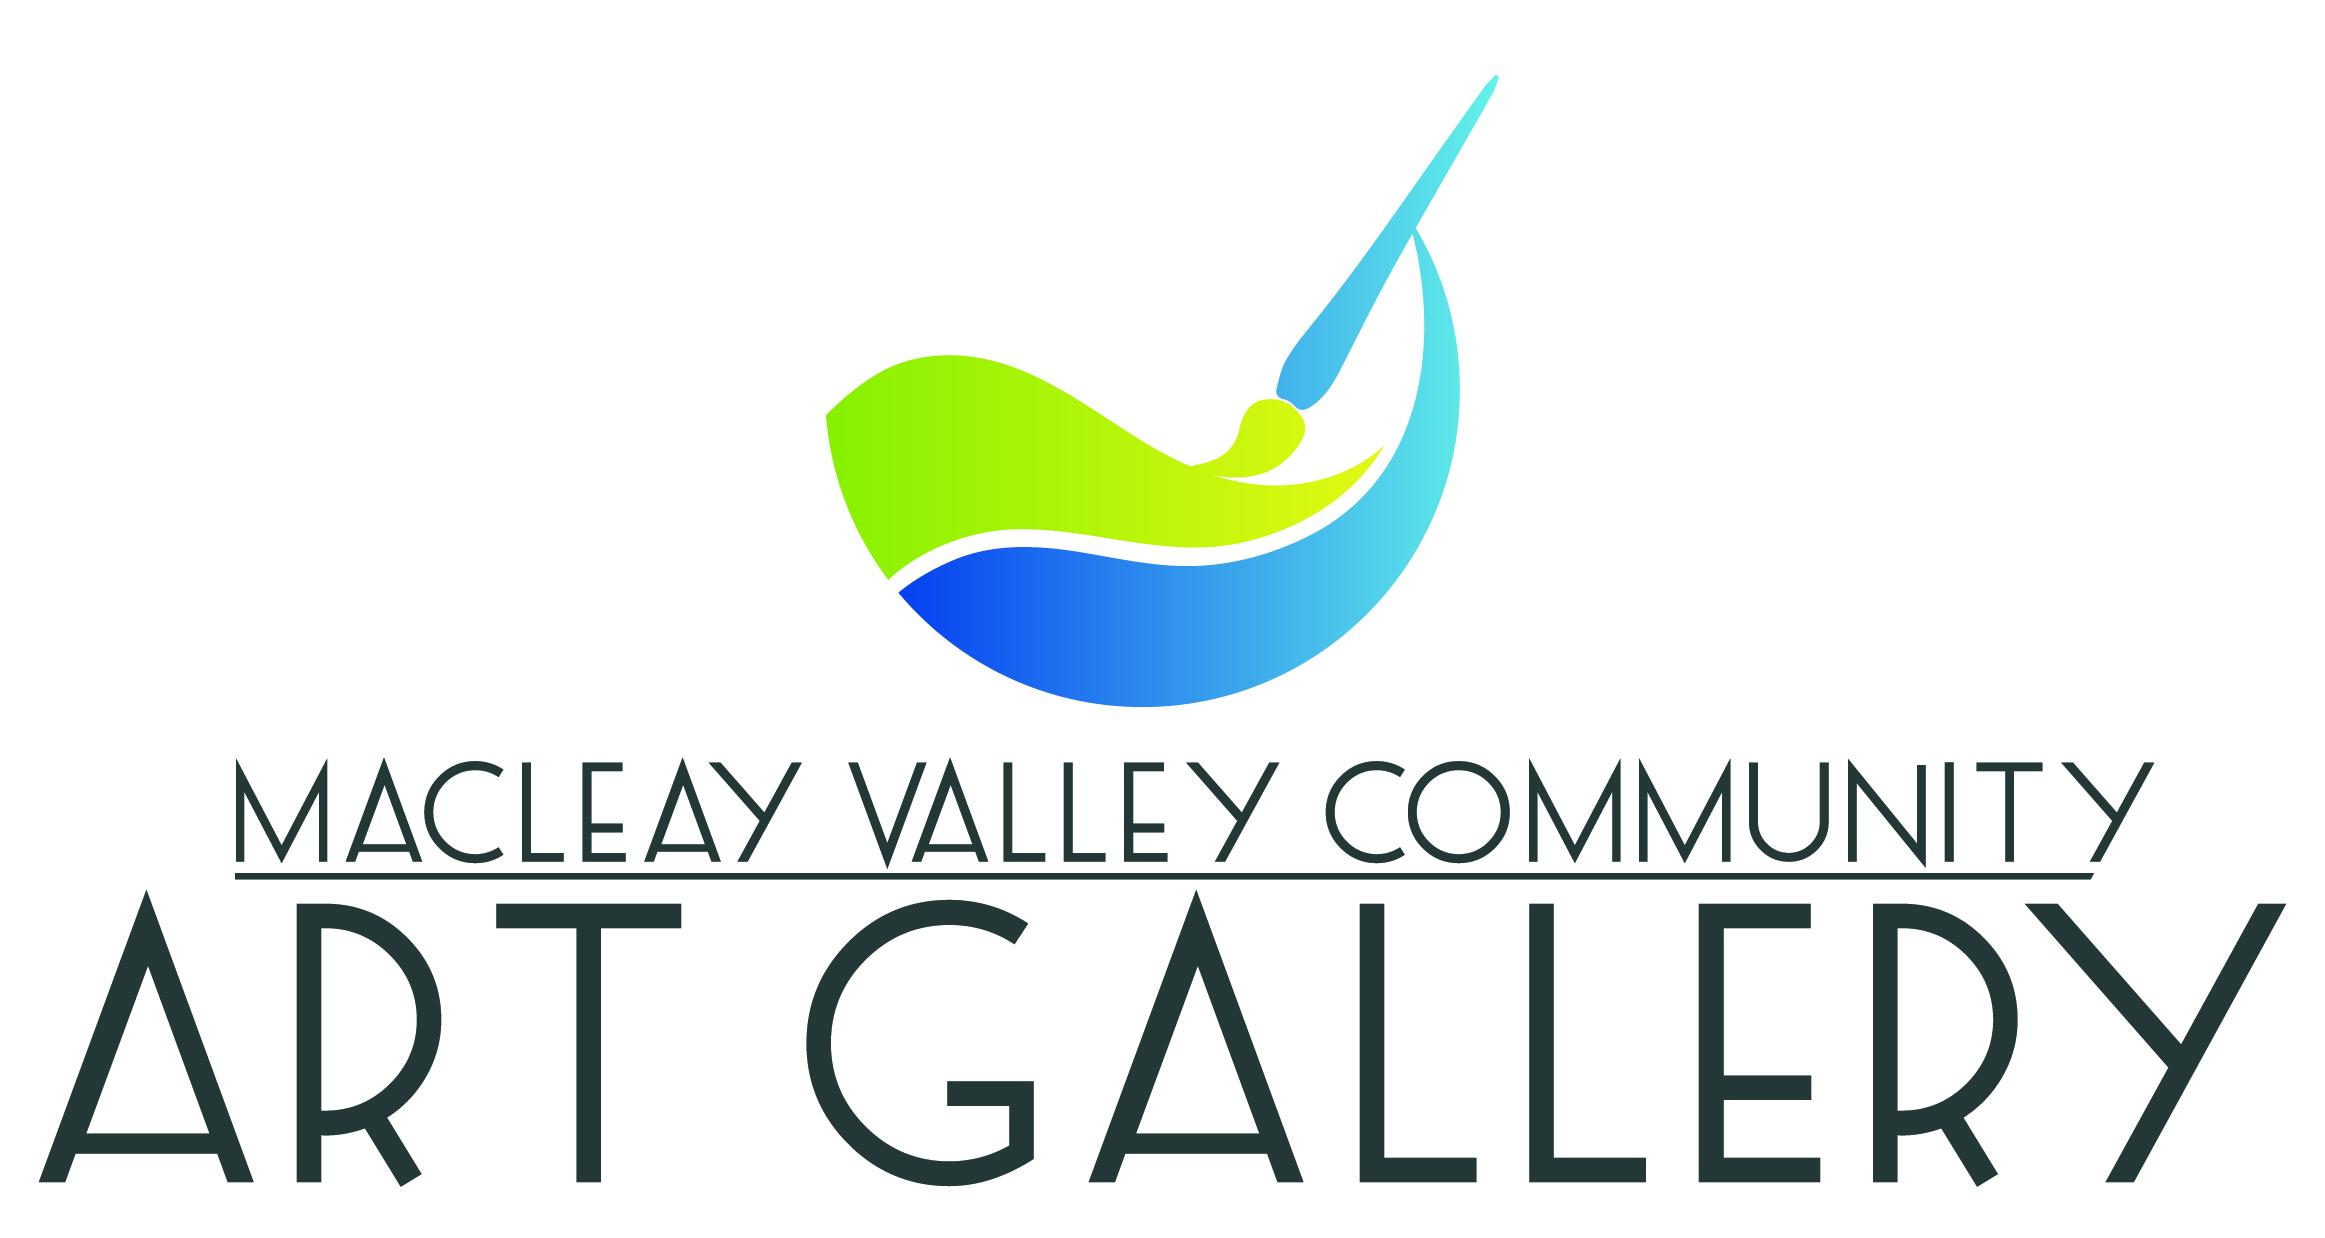 MVCommunityArtGallery_CMYK